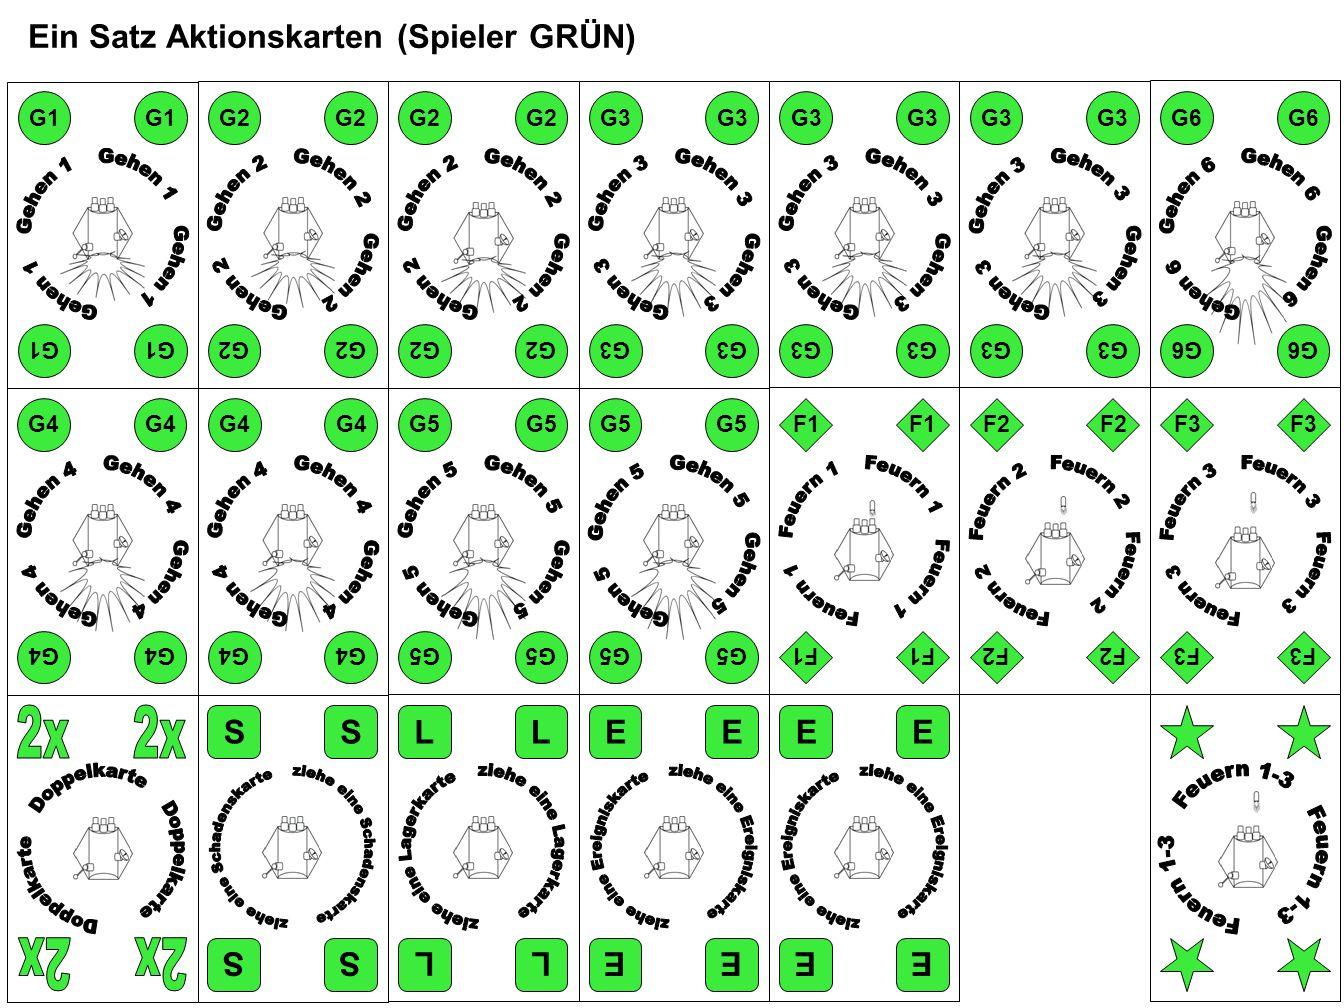 Ein Satz Aktionskarten (Spieler GRÜN) F2 F3 F1 E G5 E EE EE EE LL LL SS SS G4 G1 G2 G4 G2 G3 G6